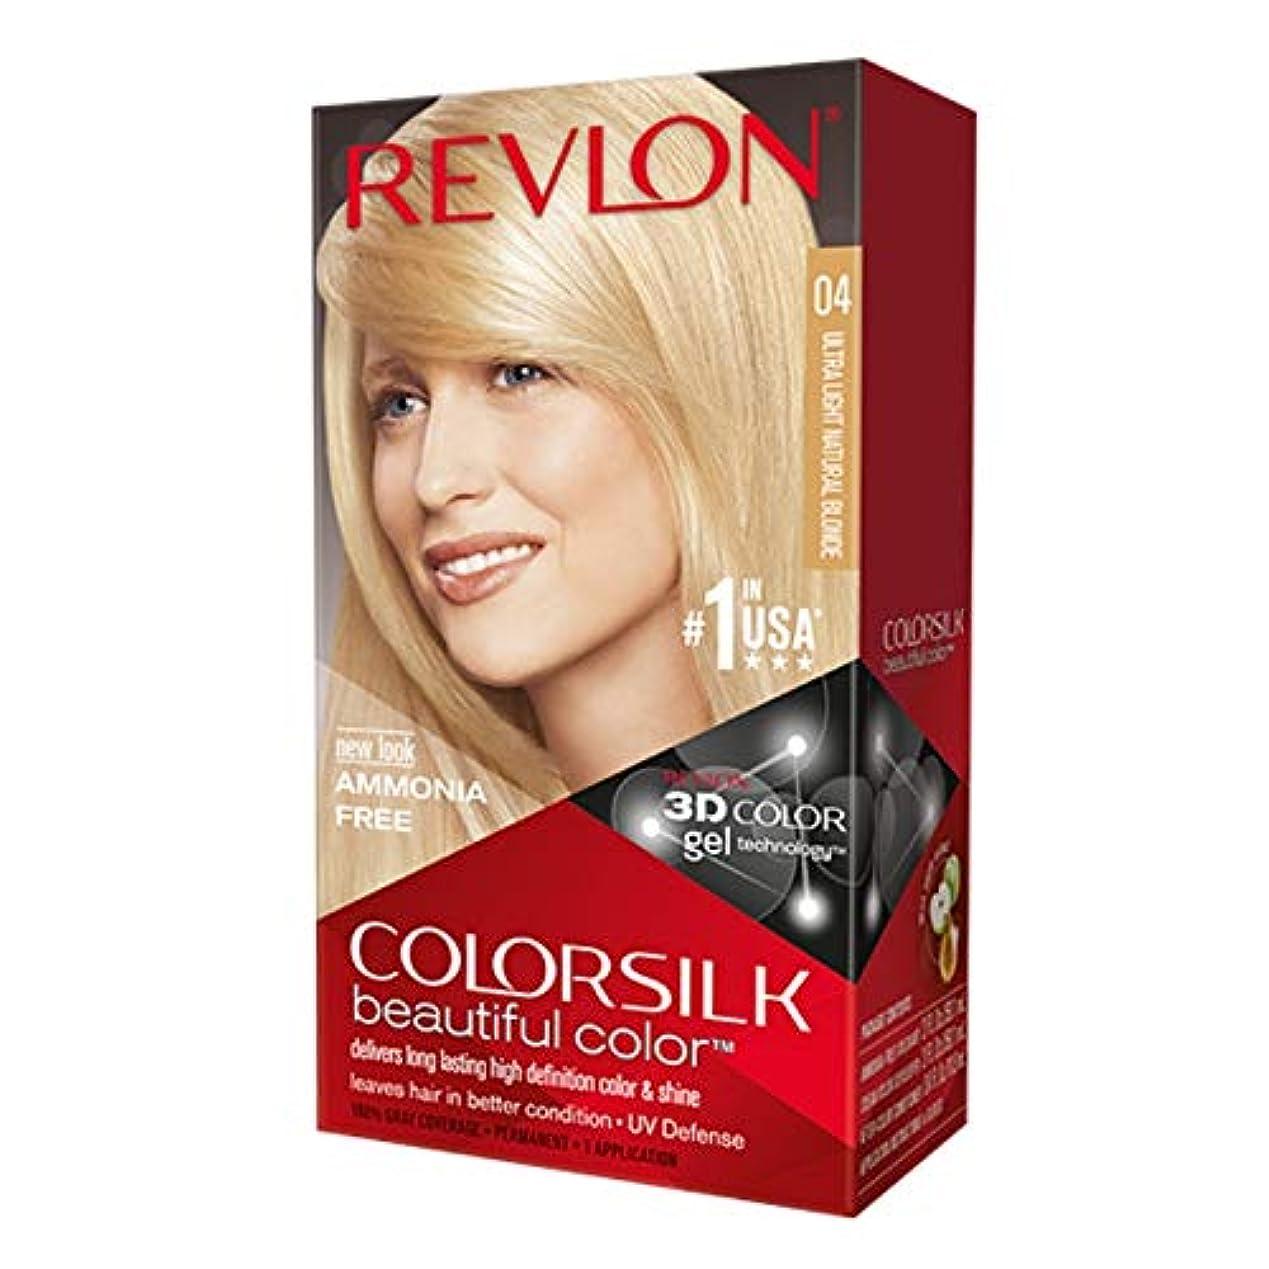 スリル側面批判的にRevlon Colorsilkの#04 ULT-LTナットBLND